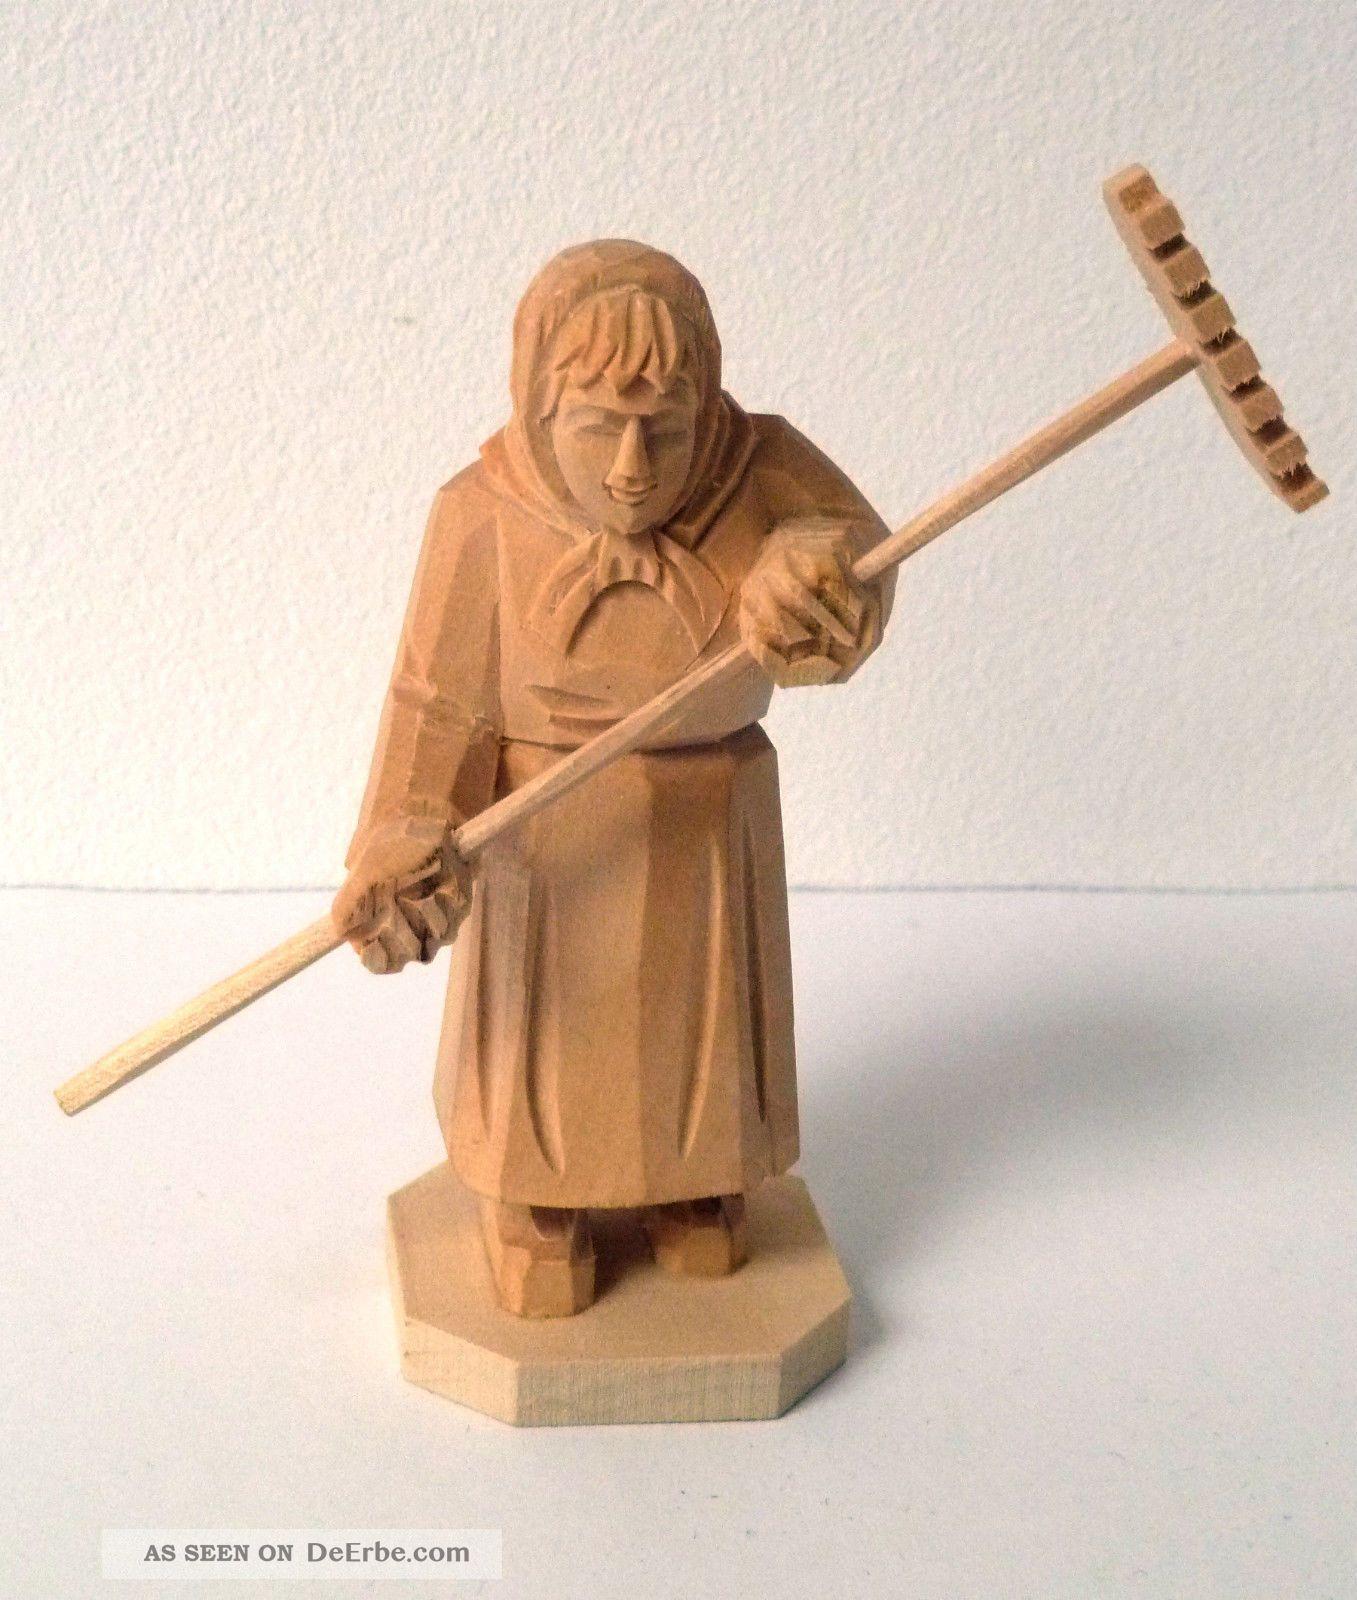 Holzfigur Frau Reschen 10cm Handgschnitzt Schnitzerei Holzarbeiten Bild